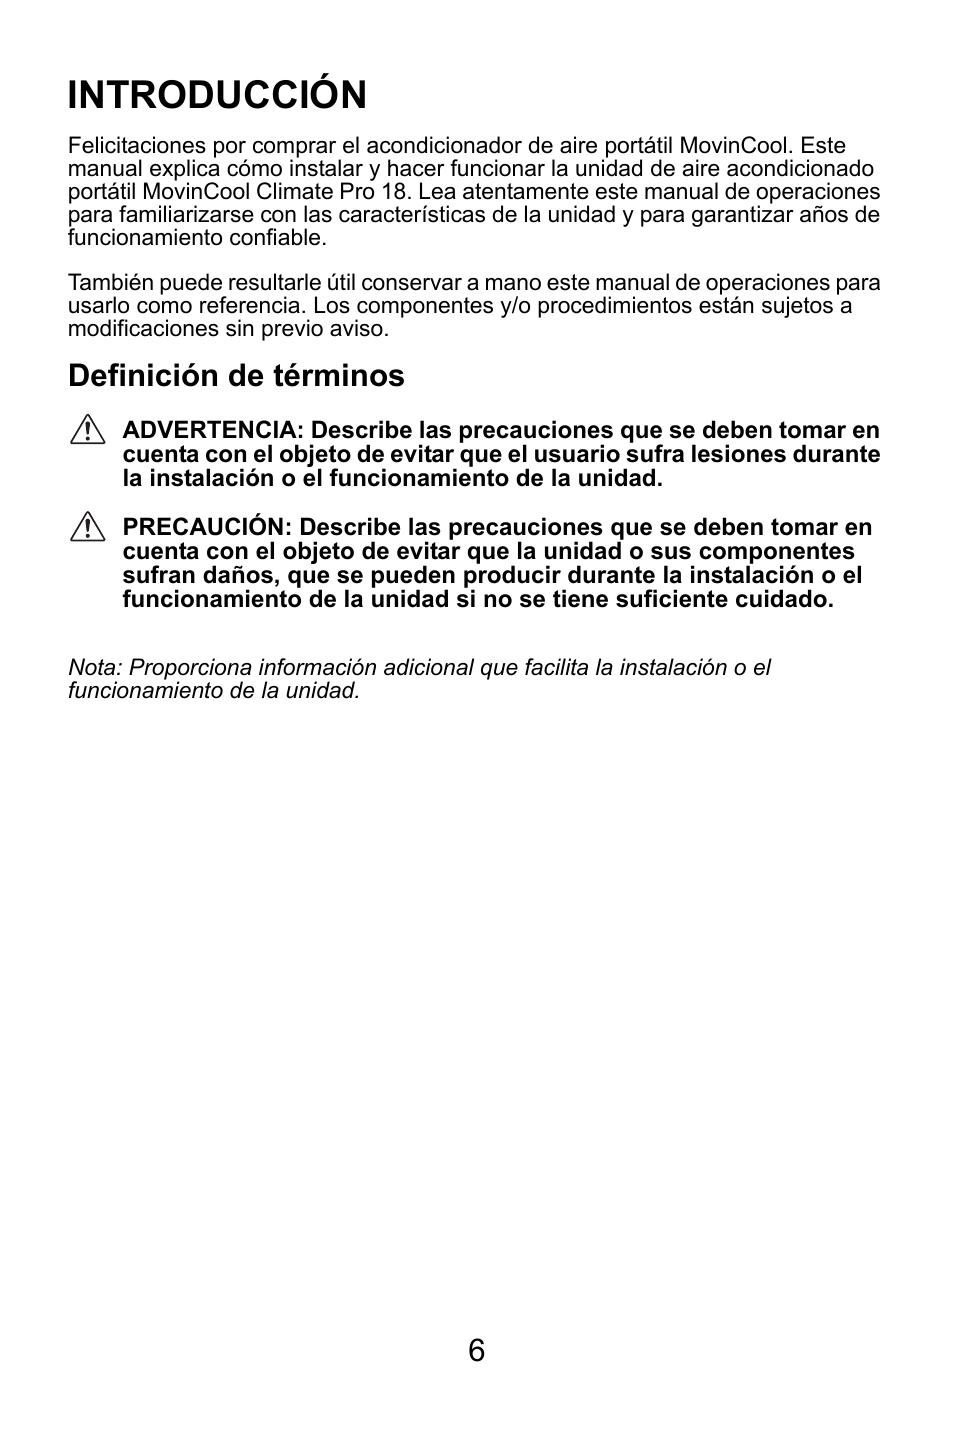 introducci n definici n de t rminos movincool climate pro 18 rh pdfmanuales com manual de usuario de un programa definicion definicion de manual de usuario segun autores